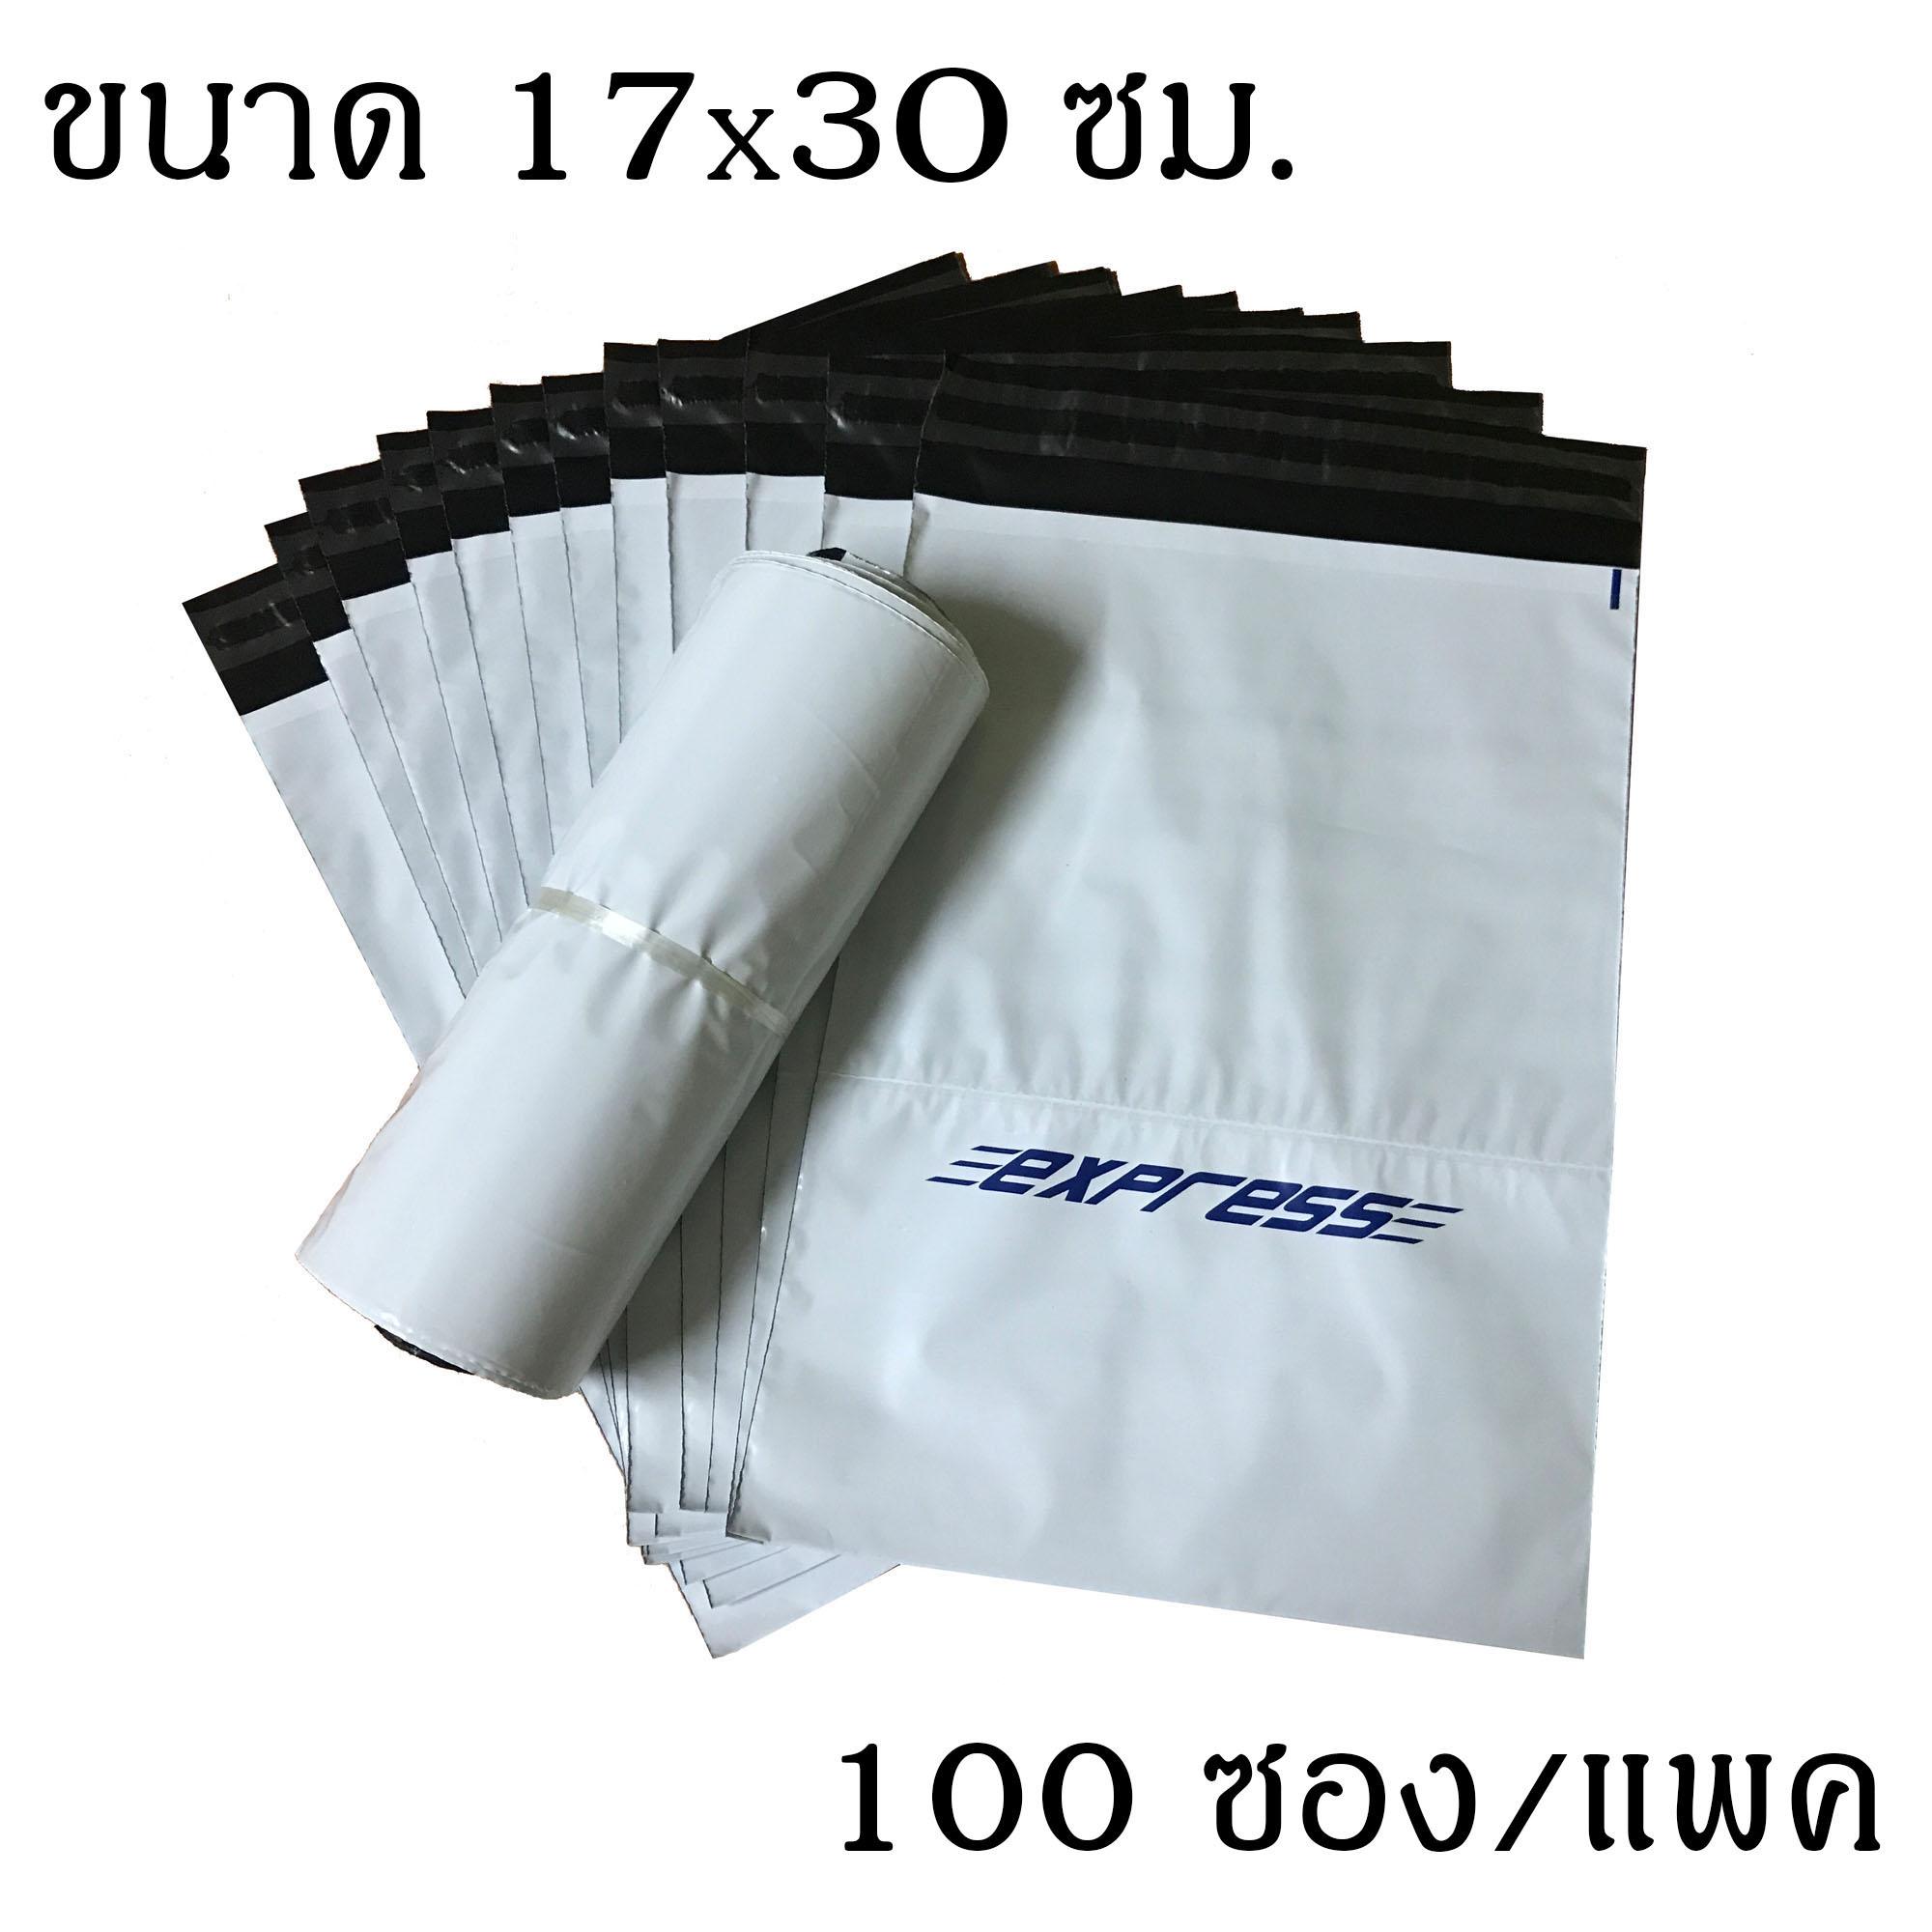 ซองไปรษณีย์พลาสติกพร้อมซองใส ขนาด 17x30 ซม. 100ซอง/แพค